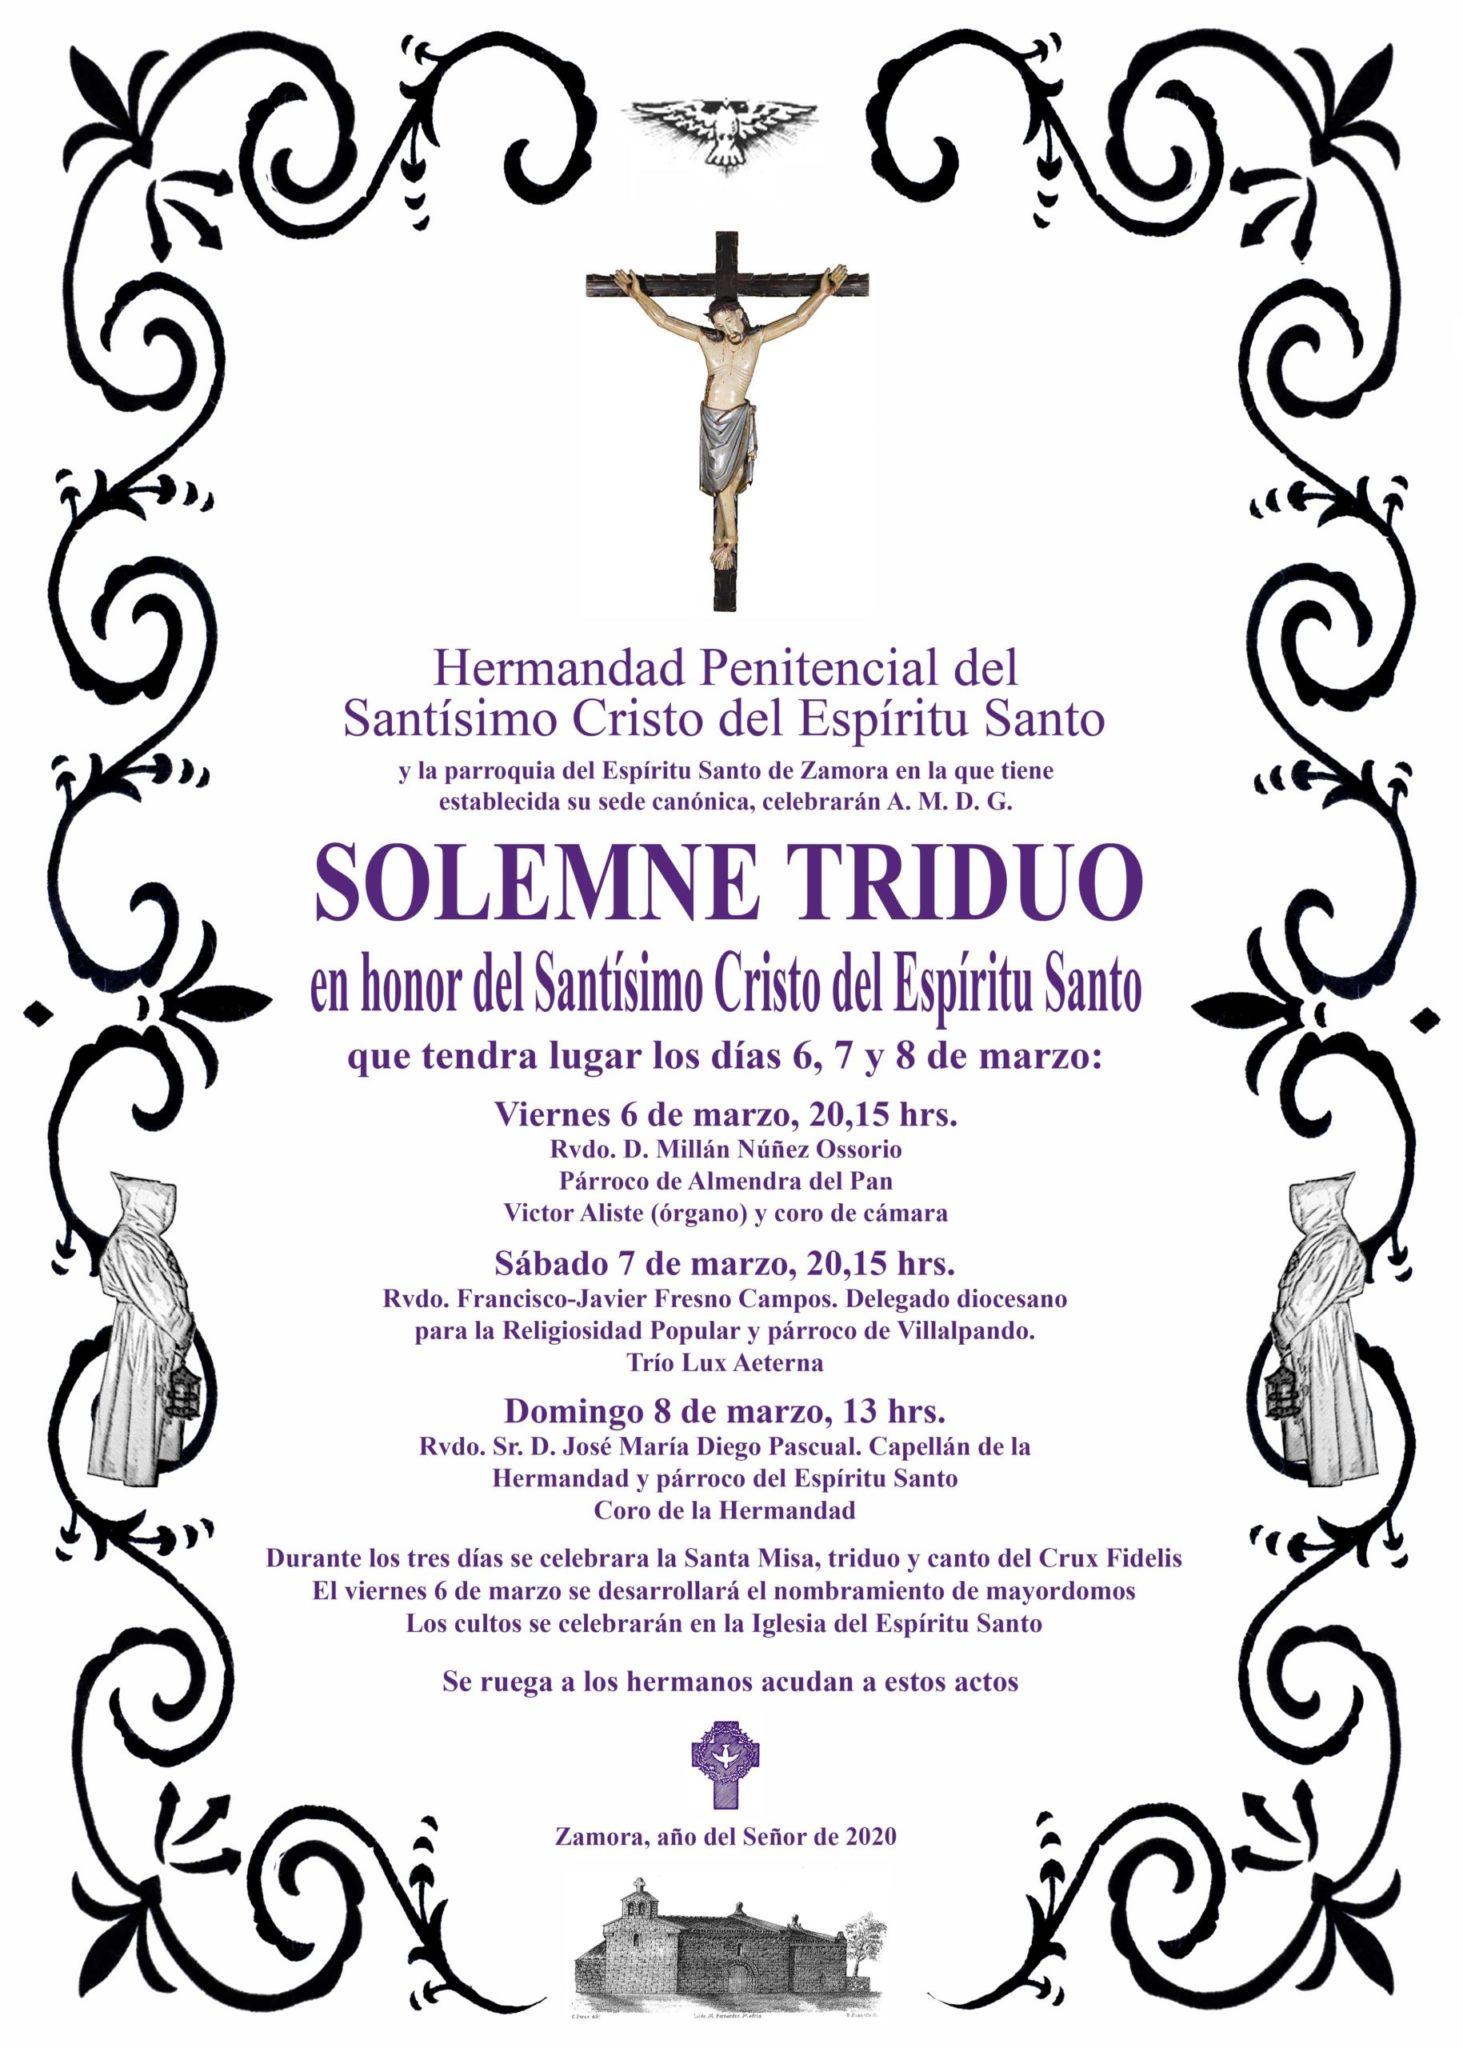 Solemne Triduo en honor del Santísimo Cristo del Espíritu Santo 1